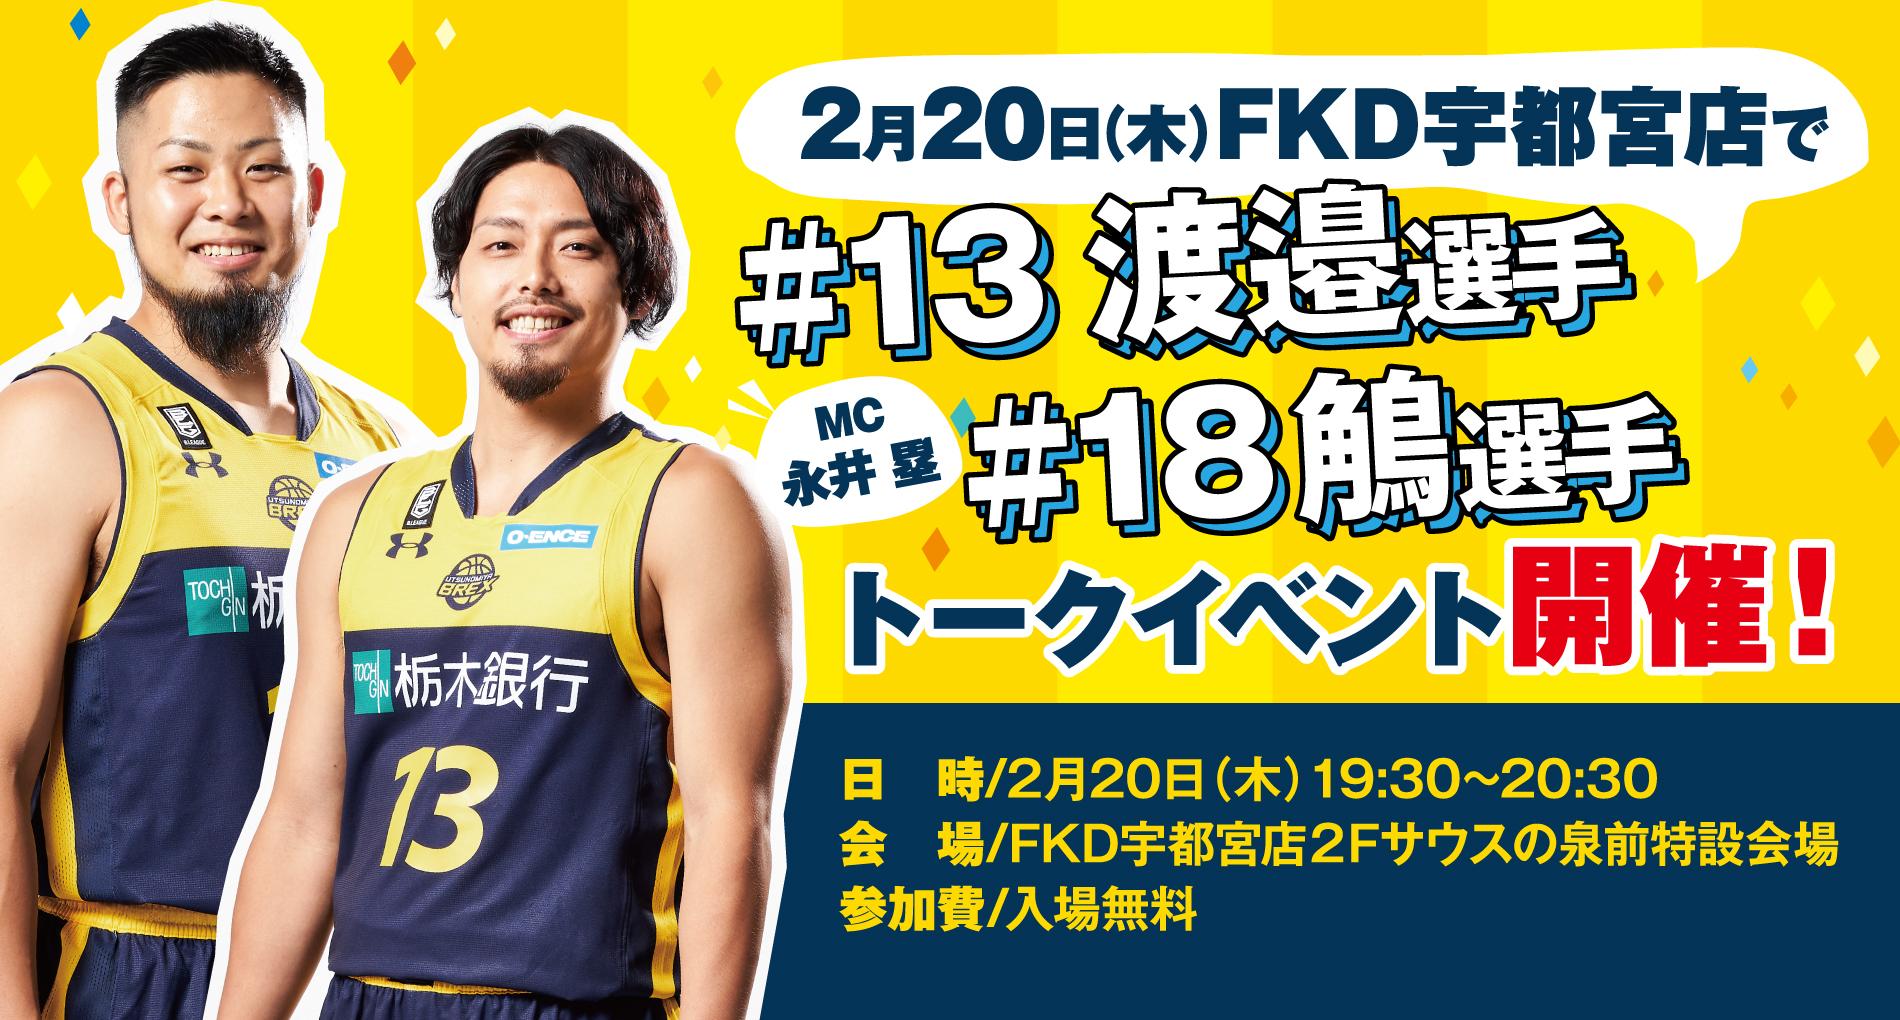 2/20 FKD宇都宮店 イベント